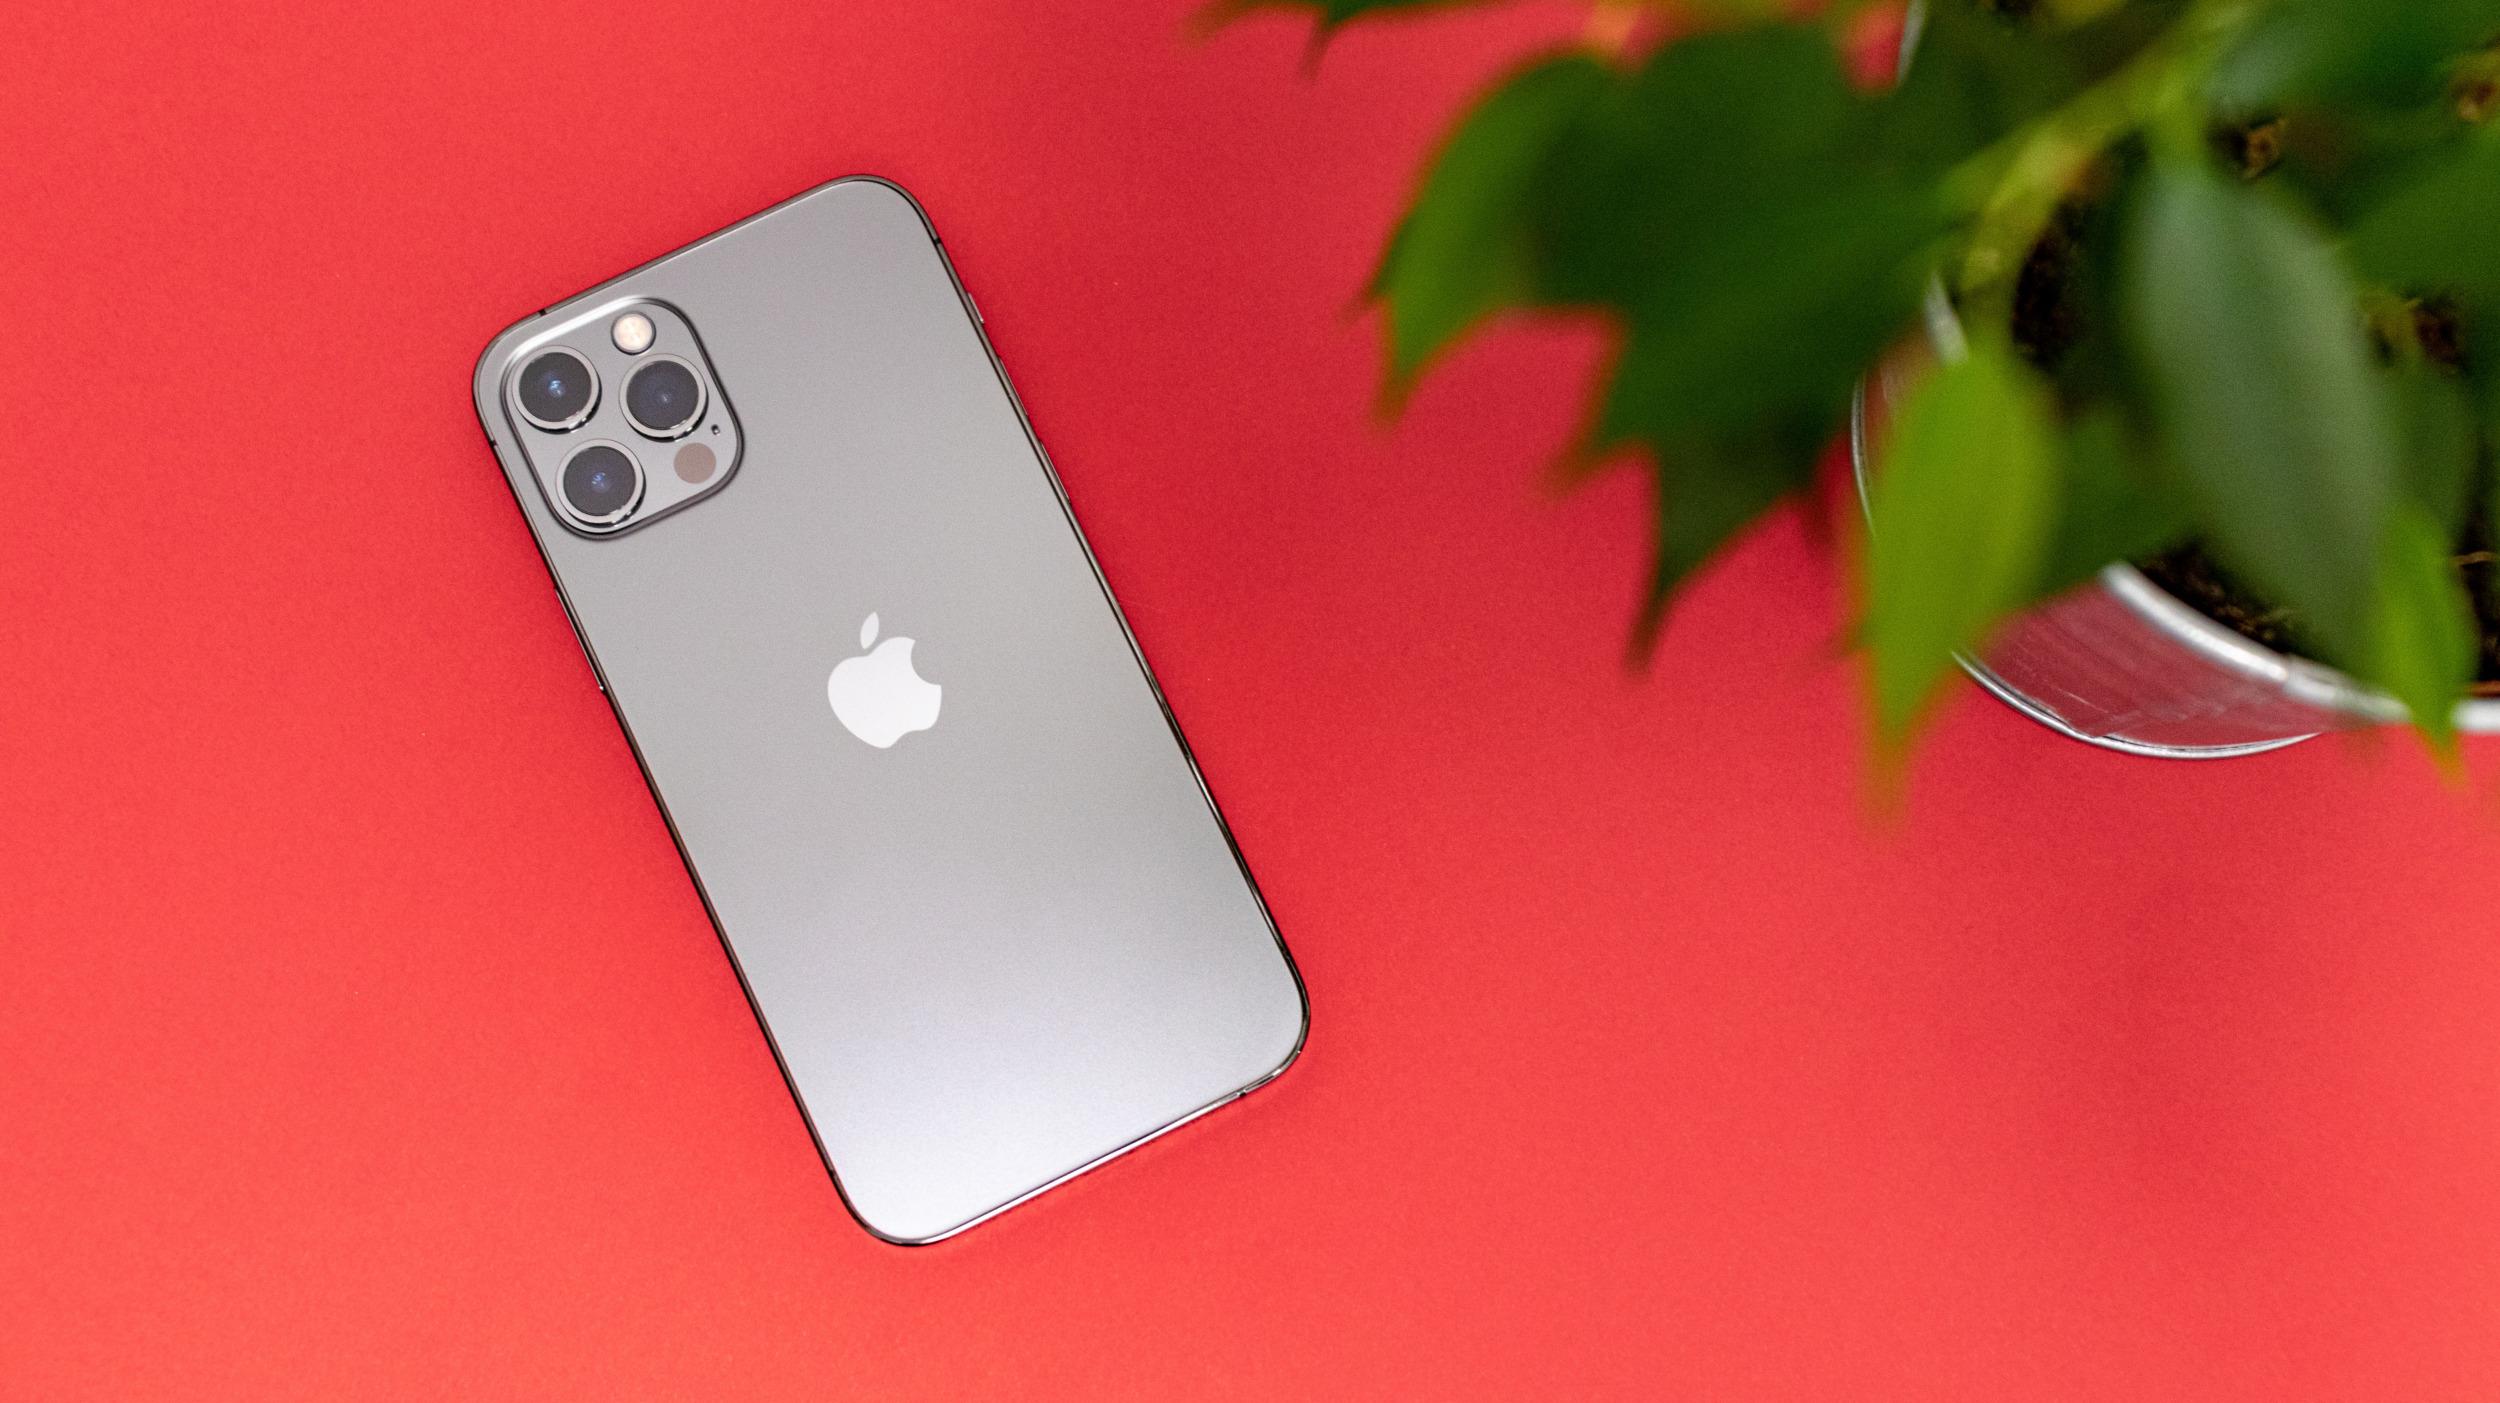 """iPhone 12 Pro: první opravdový """"Pro"""" iPhone?! [recenze]"""